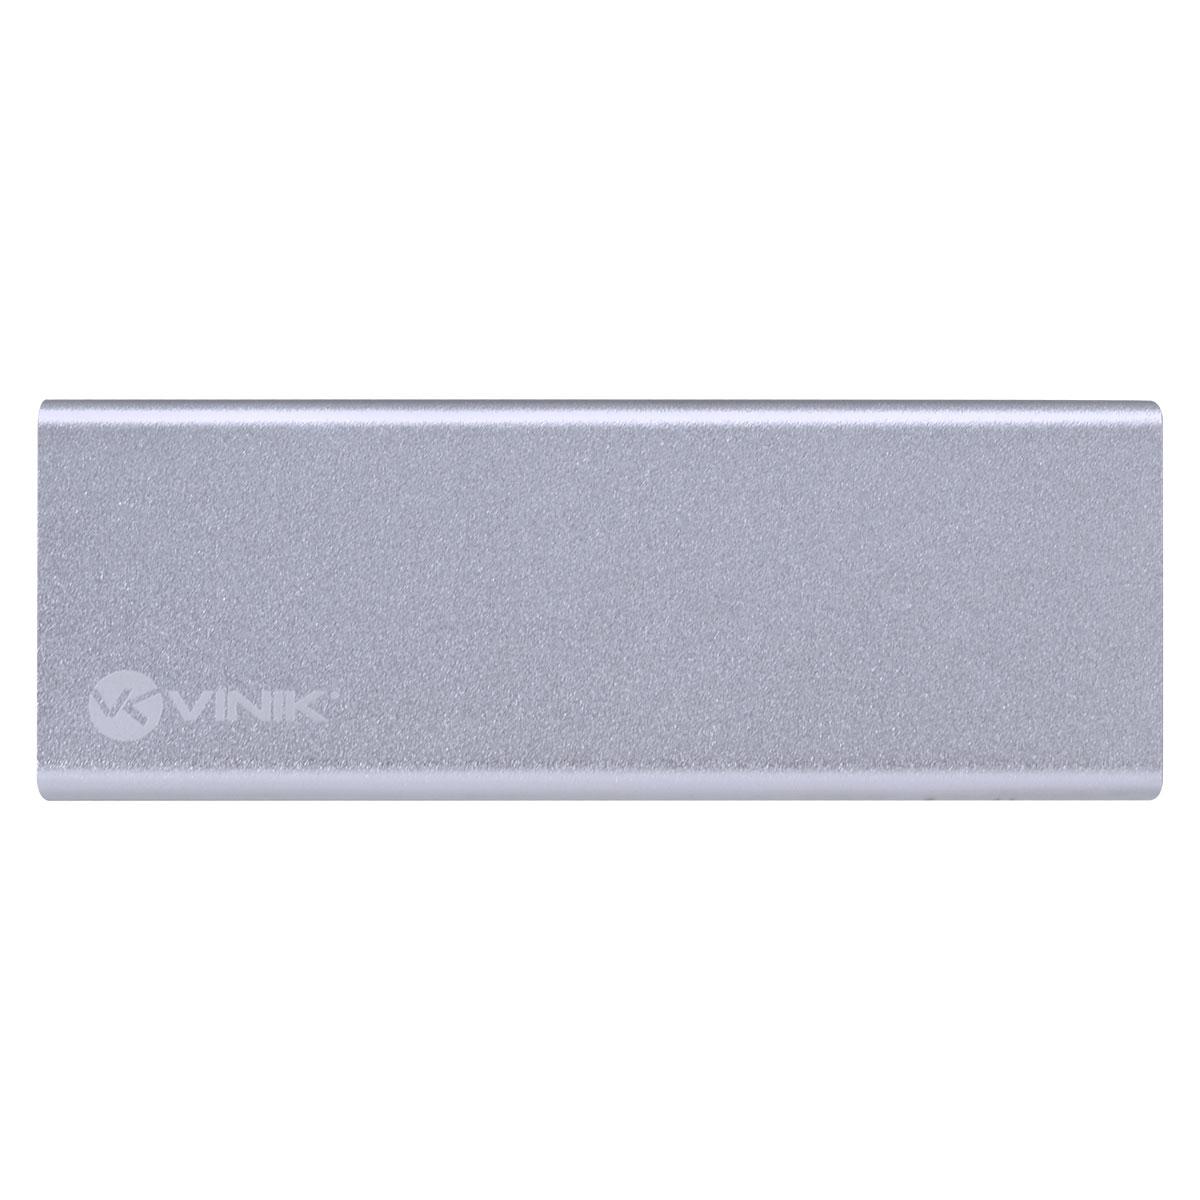 CASE EXTERNO PARA SSD M.2 CONEXÃO USB 3.0 - USB TIPO C/TYPE C PARA USB - CS25-C30